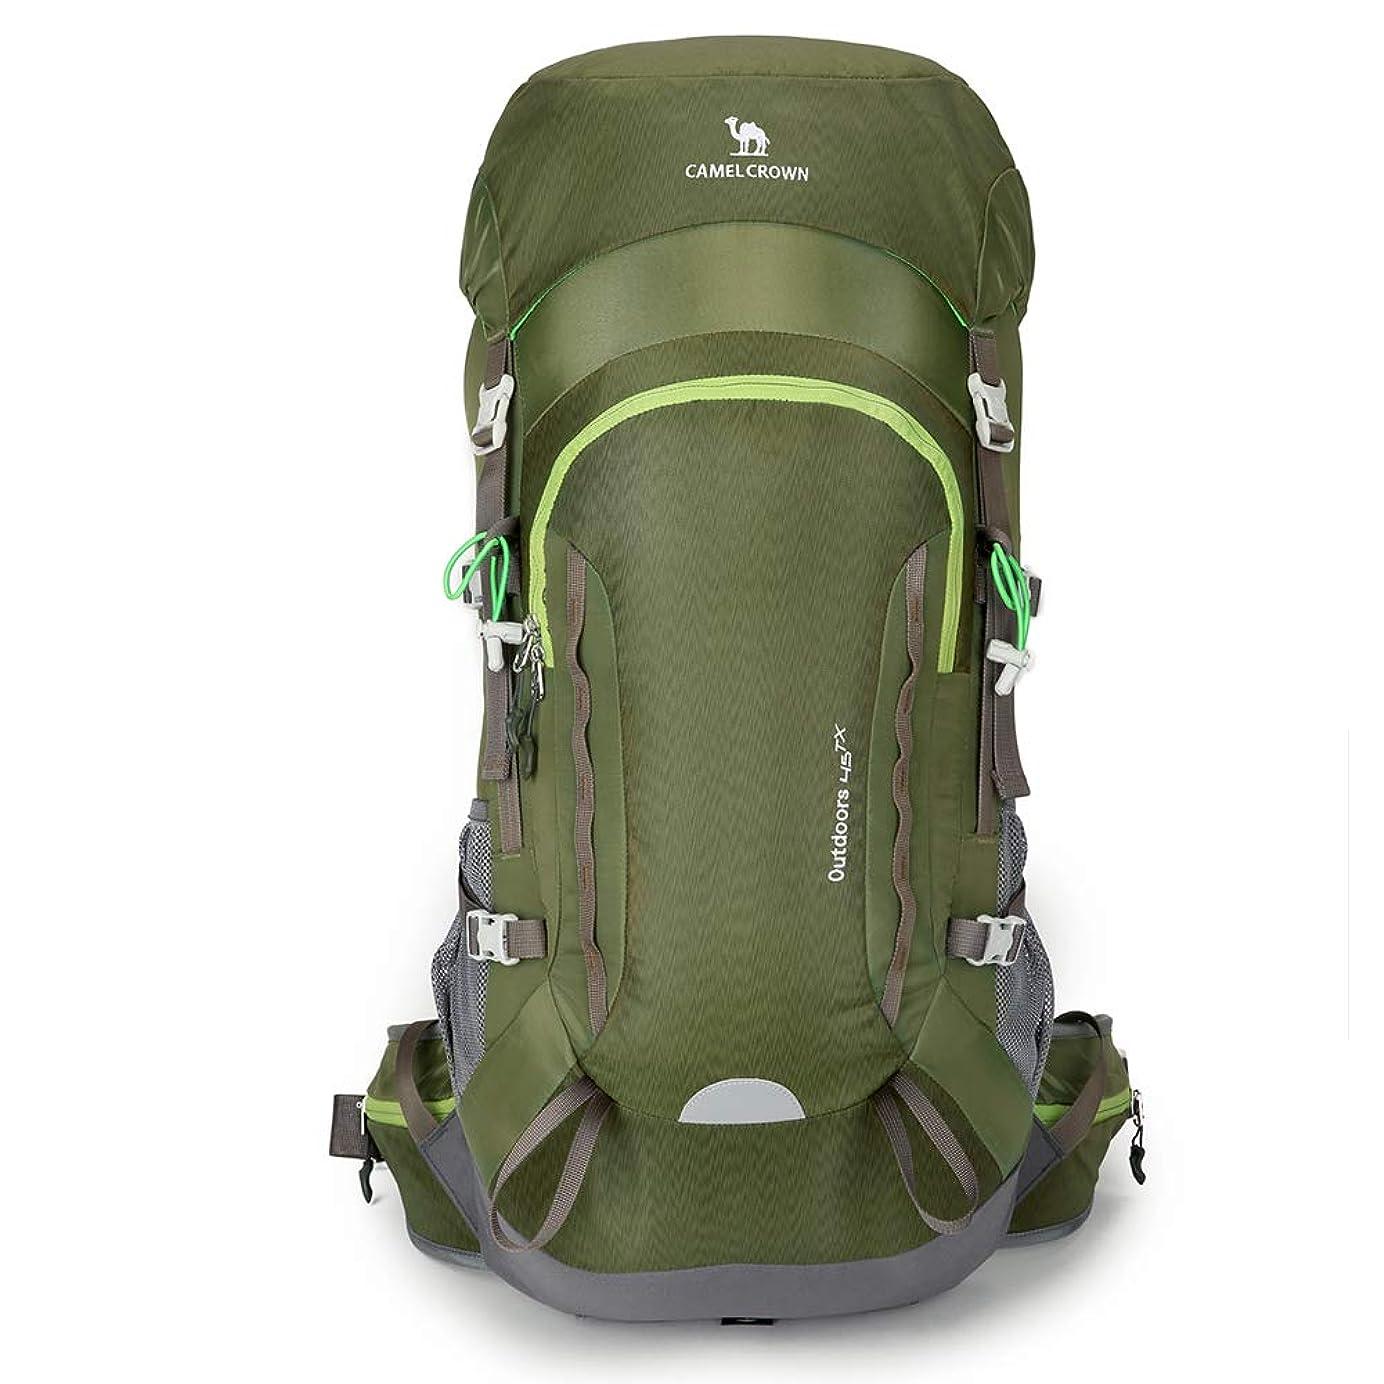 フォーマット反発する帰する登山リュック45L CAMEL ユニセックス 登山バッグ ハイキング バックパック リュックサック 防水 軽量 徒歩 登山 ハイキング キャンプ 旅行用 通気 多機能